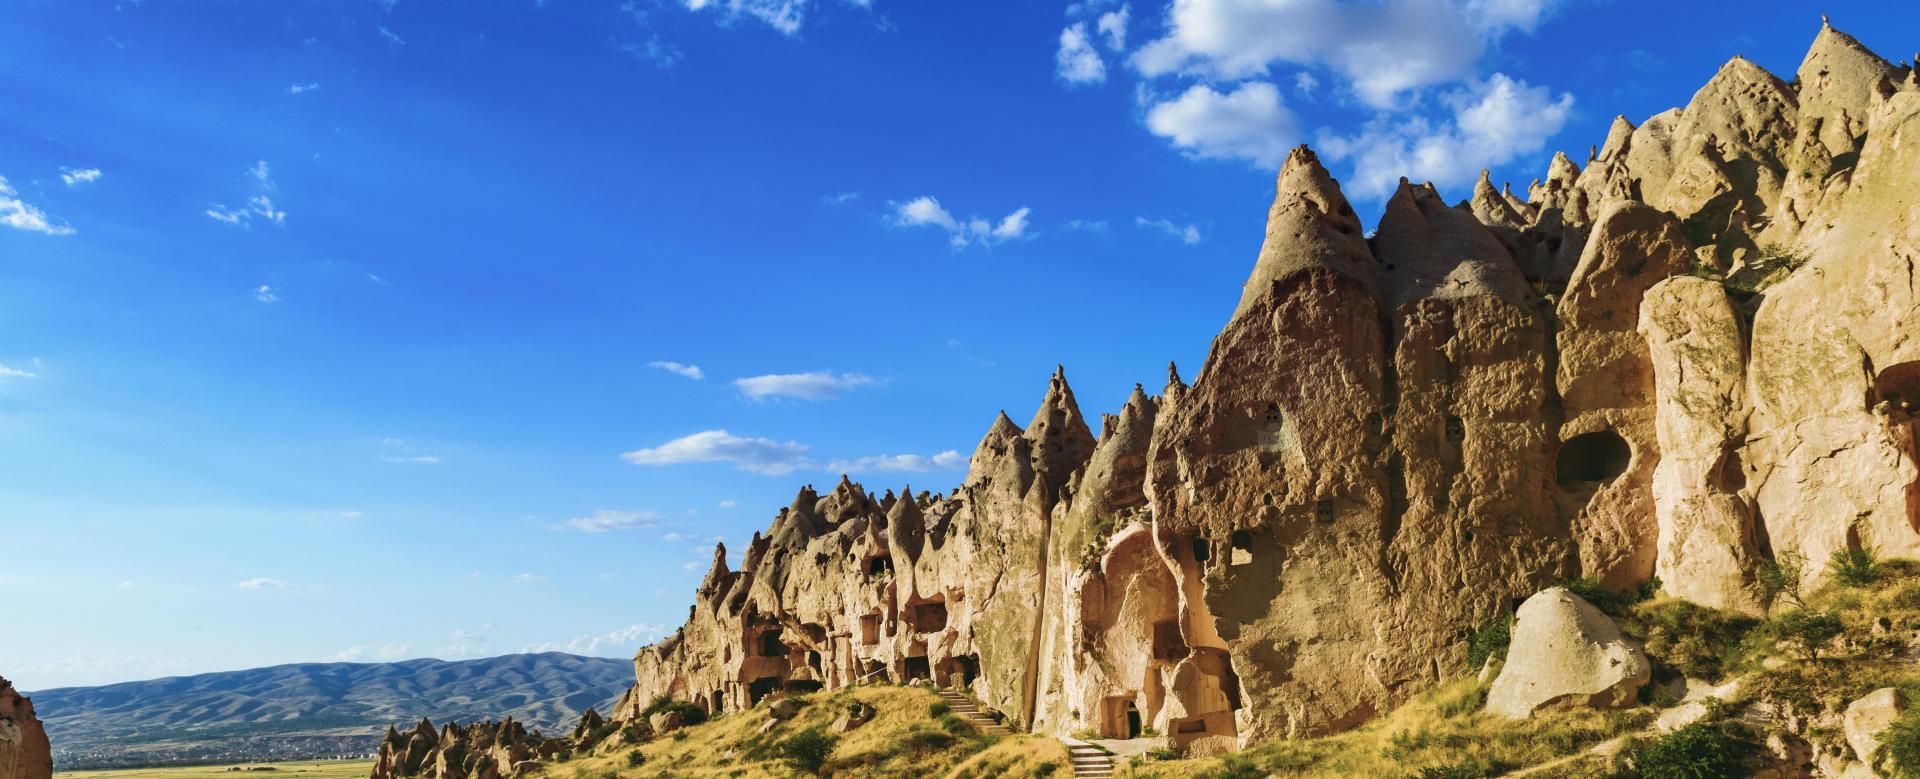 Voyage à pied : Tour de la cappadoce